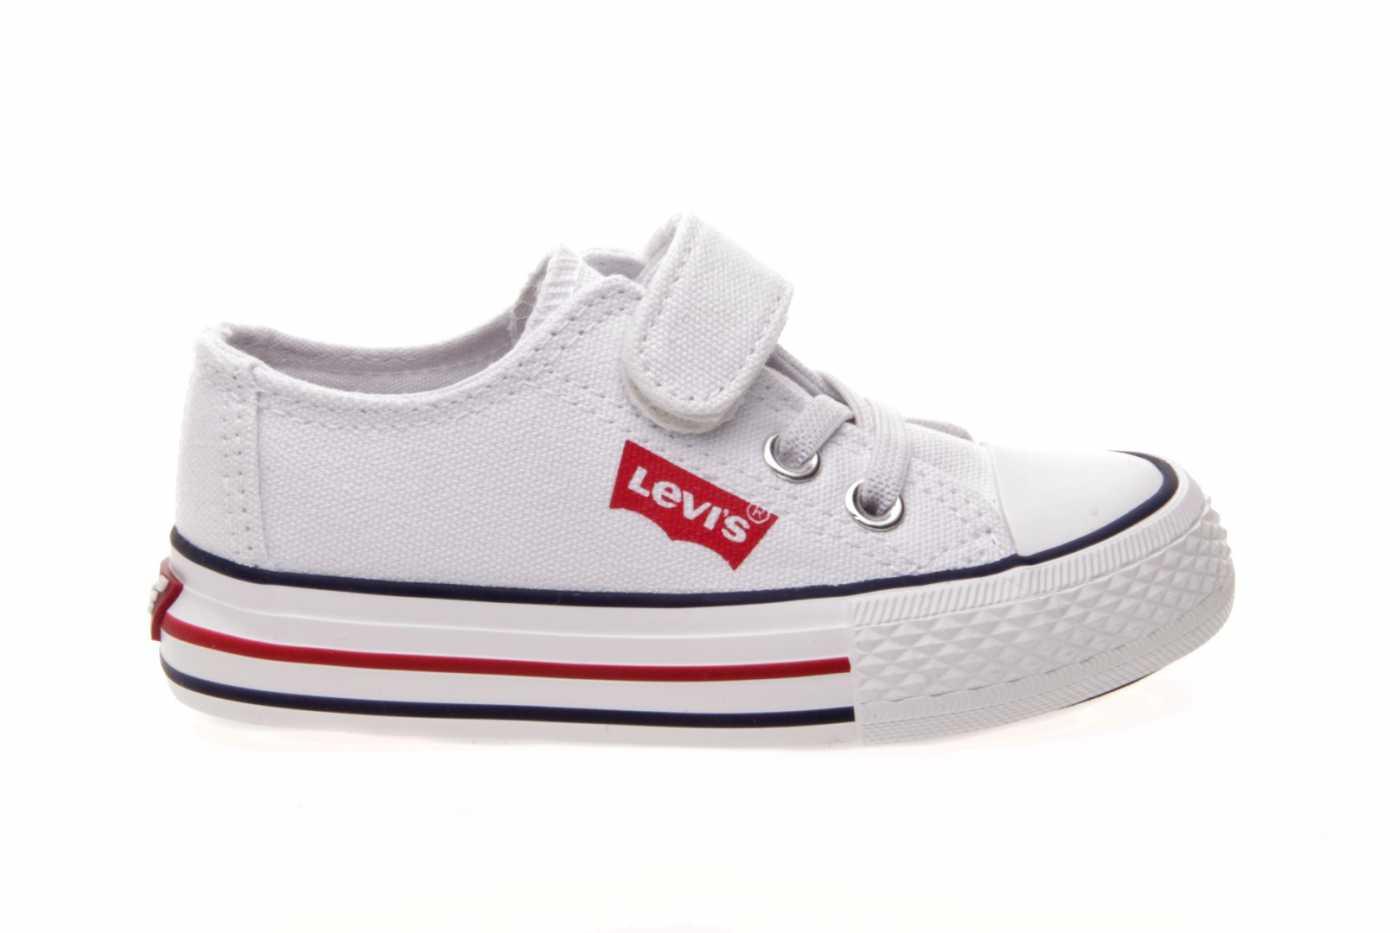 cf59f312bcefc Comprar zapato tipo JOVEN NIÑO estilo LONA COLOR BLANCO LONA ...